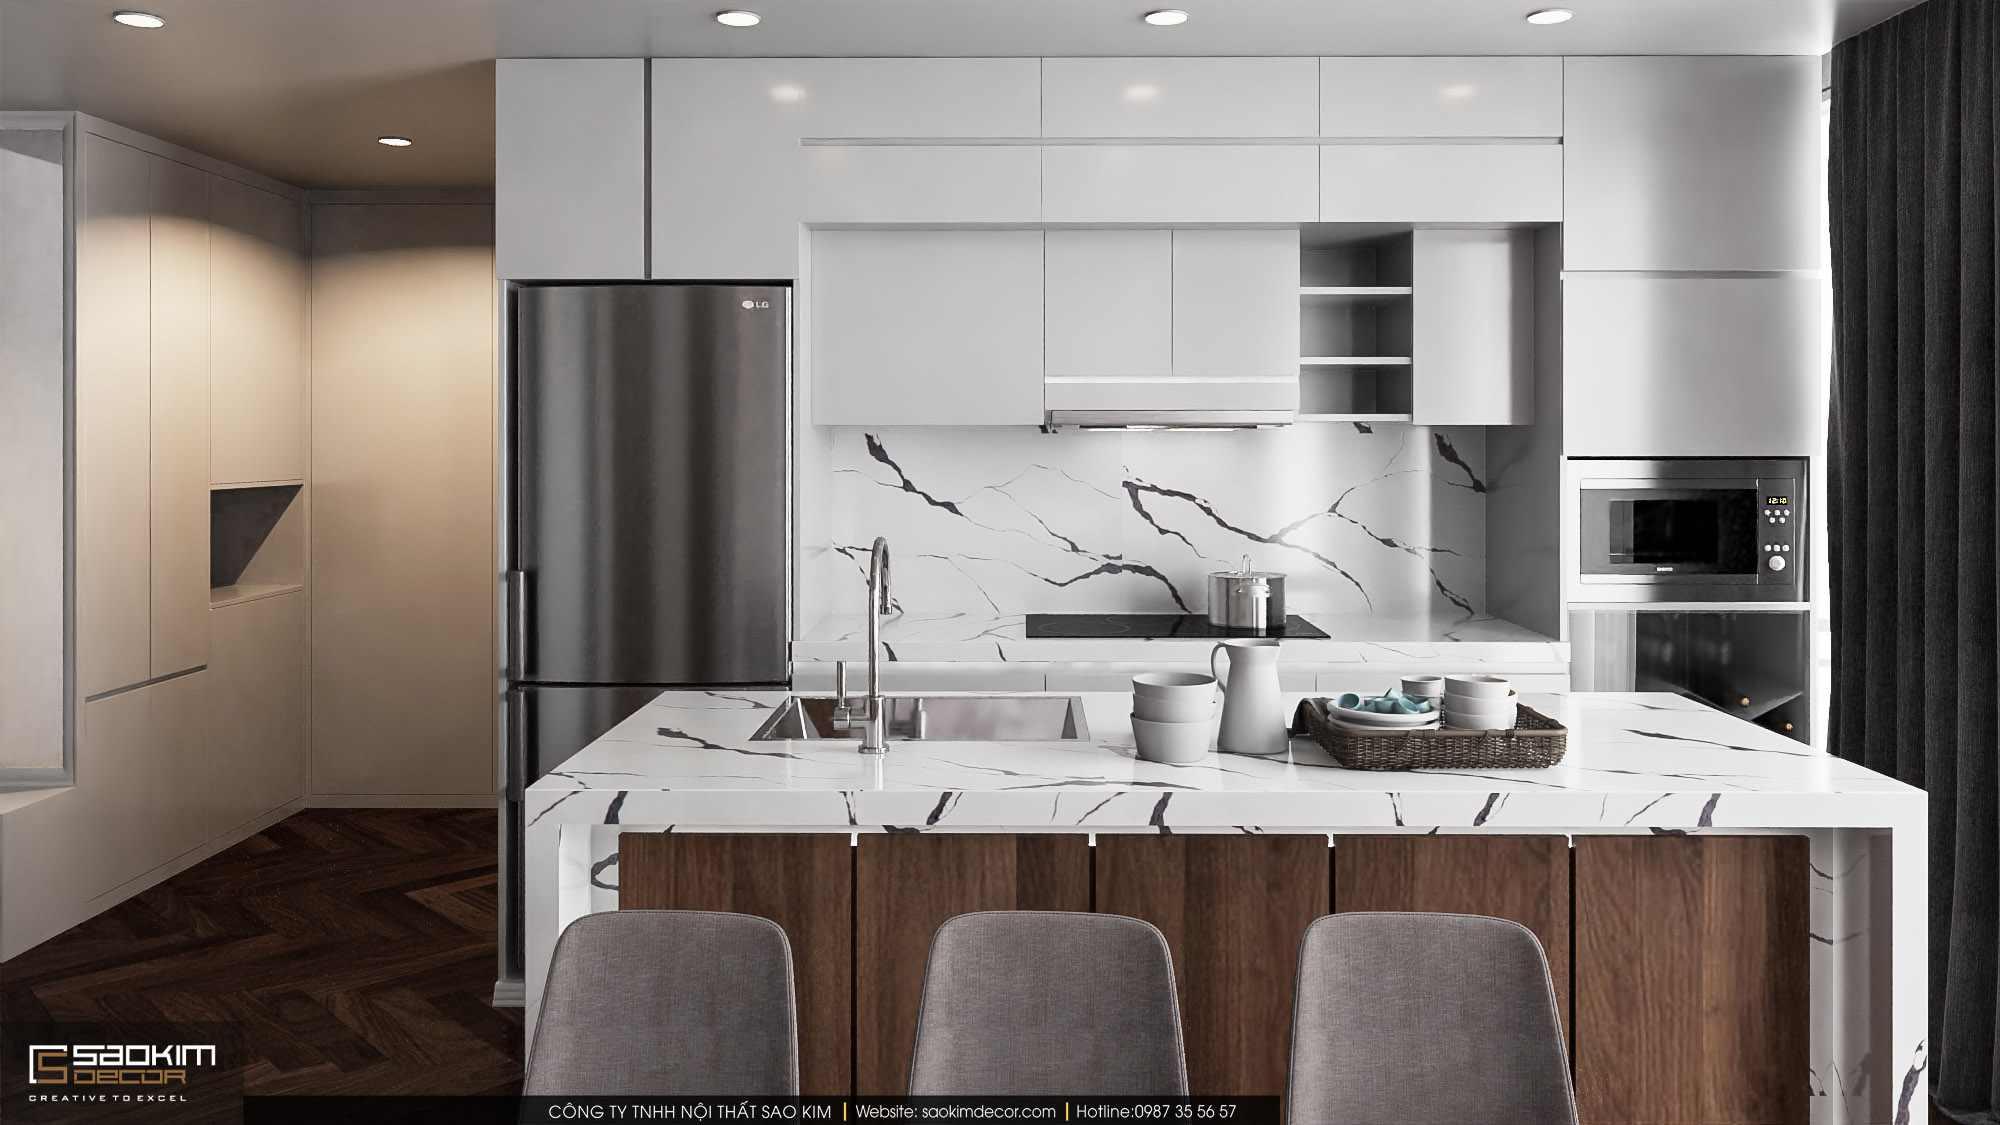 Thiết kế nội thất phòng bếp chung cư duplex sang trọng với đồ nội thất cao cấp